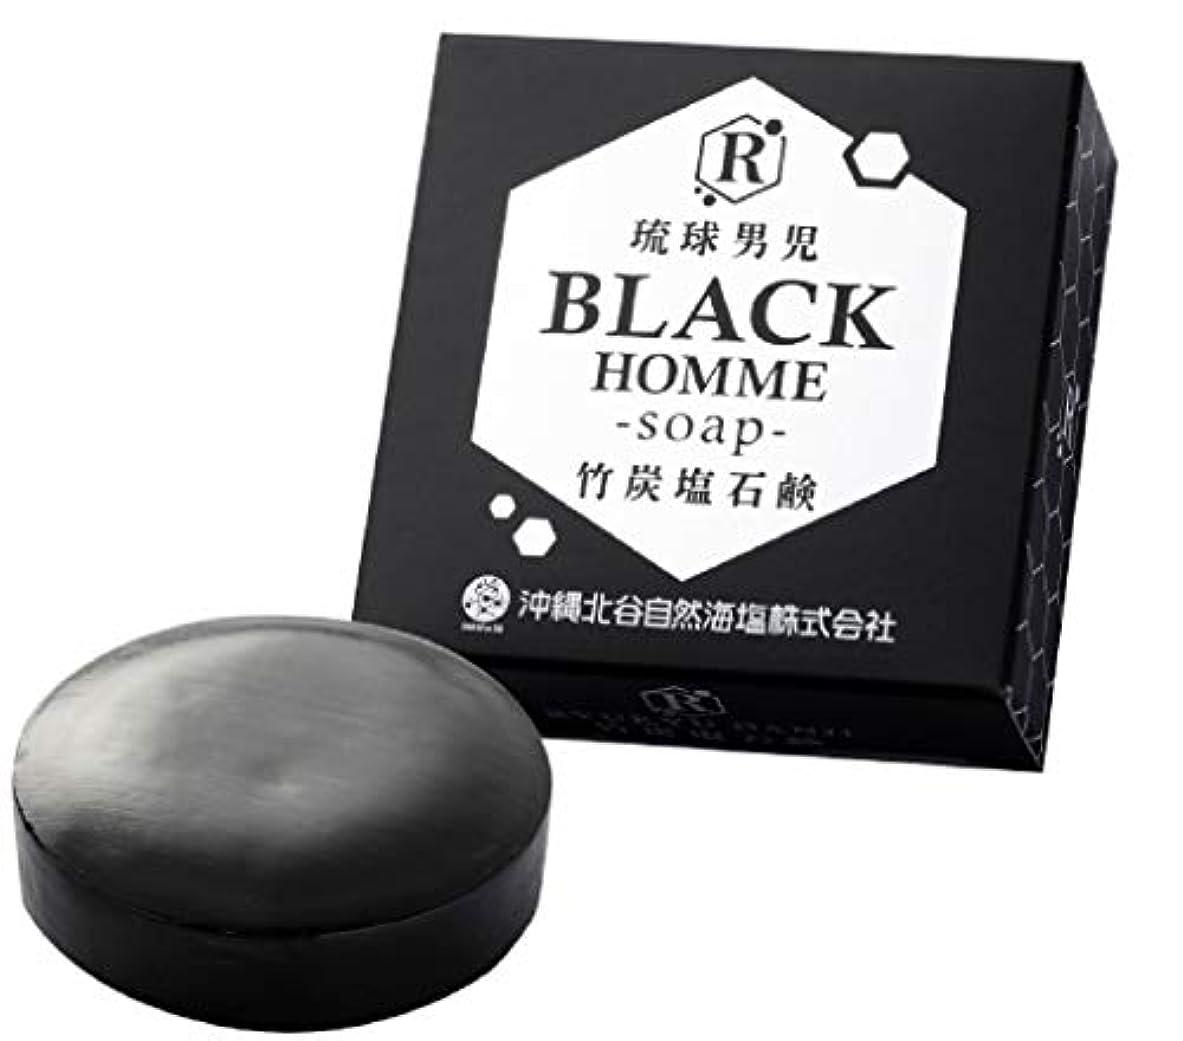 属性路地約束する【4個セット】琉球男児 竹炭塩石鹸 BLACK HOMME-soap- 60g 泡立てネット付き